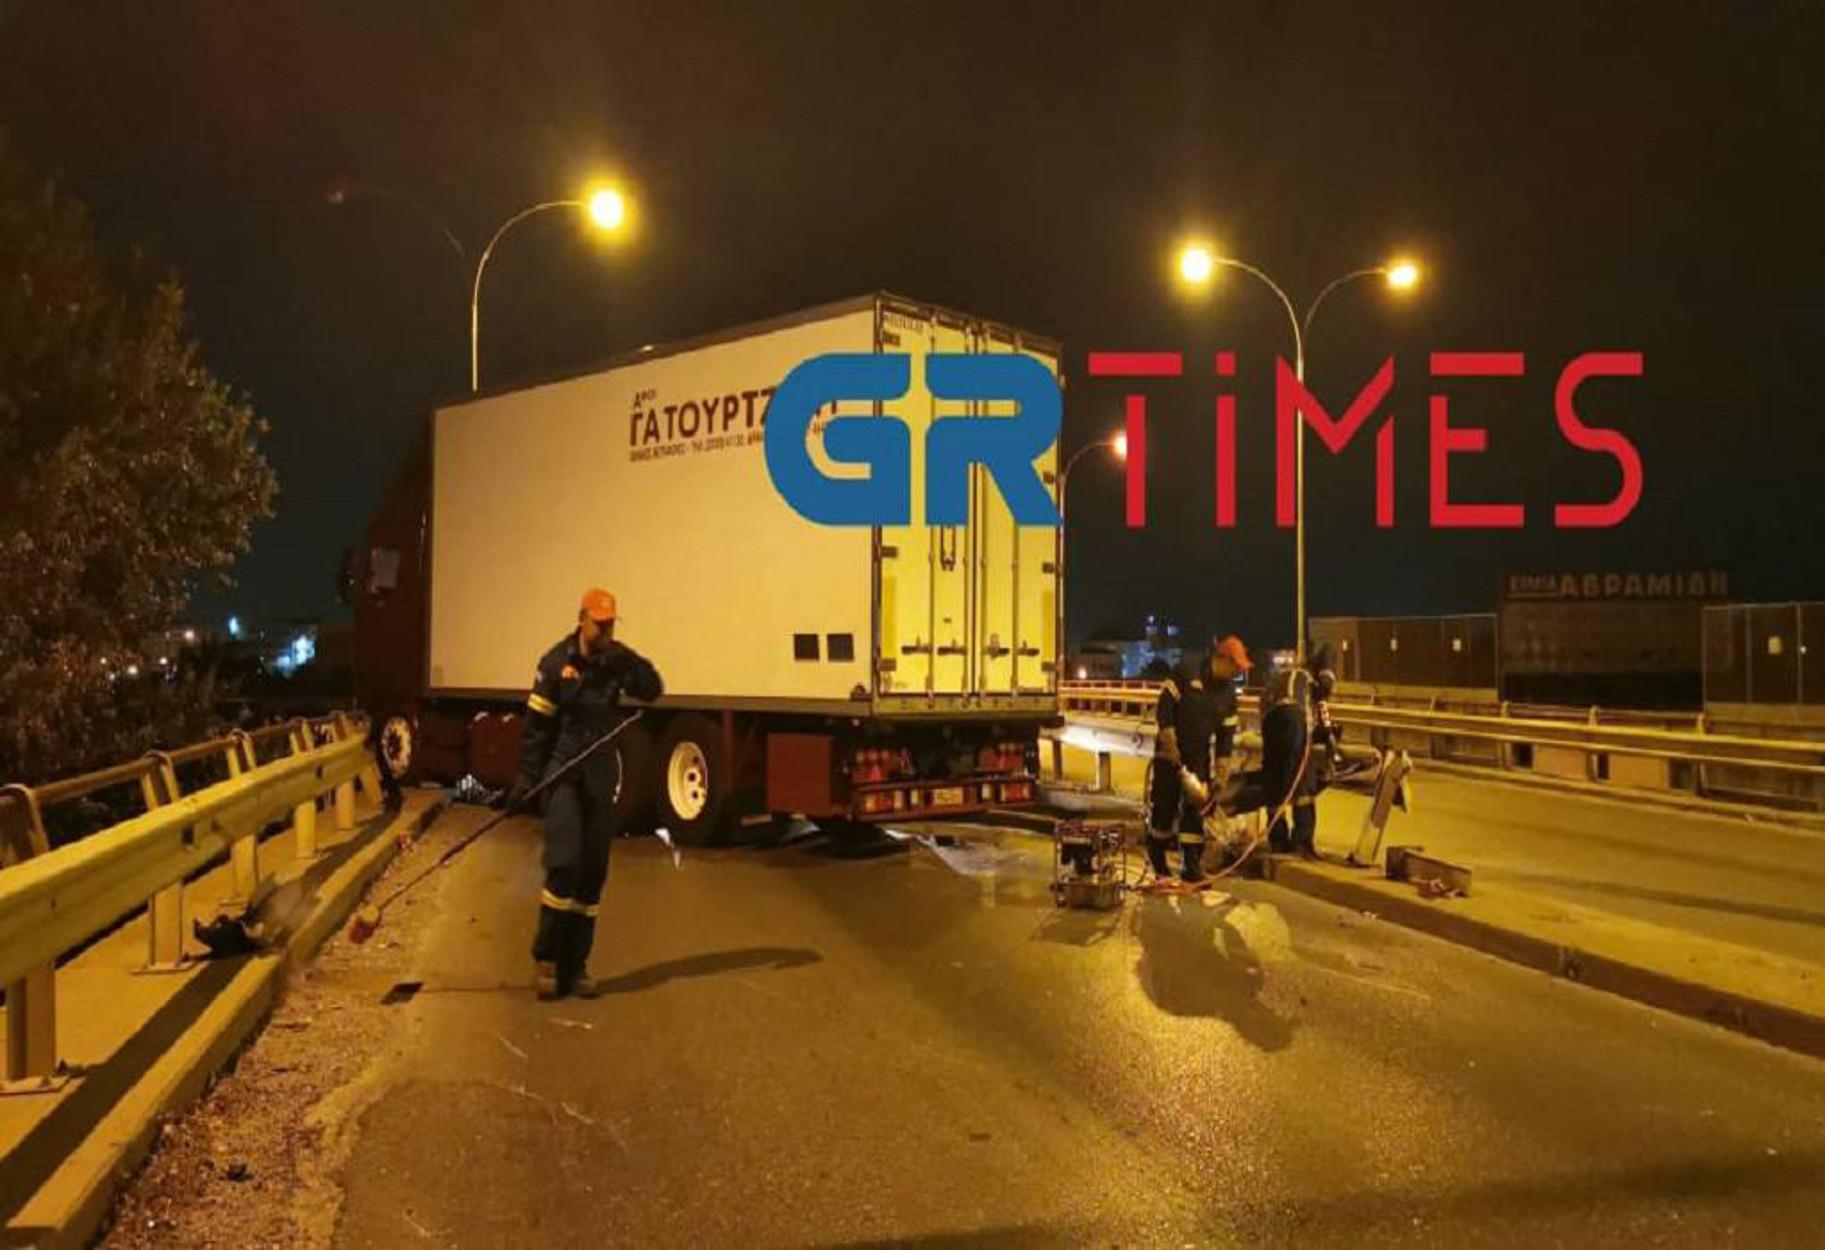 Θεσσαλονίκη: Φορτηγό «καρφώθηκε» σε μεταλλικές μπάρες